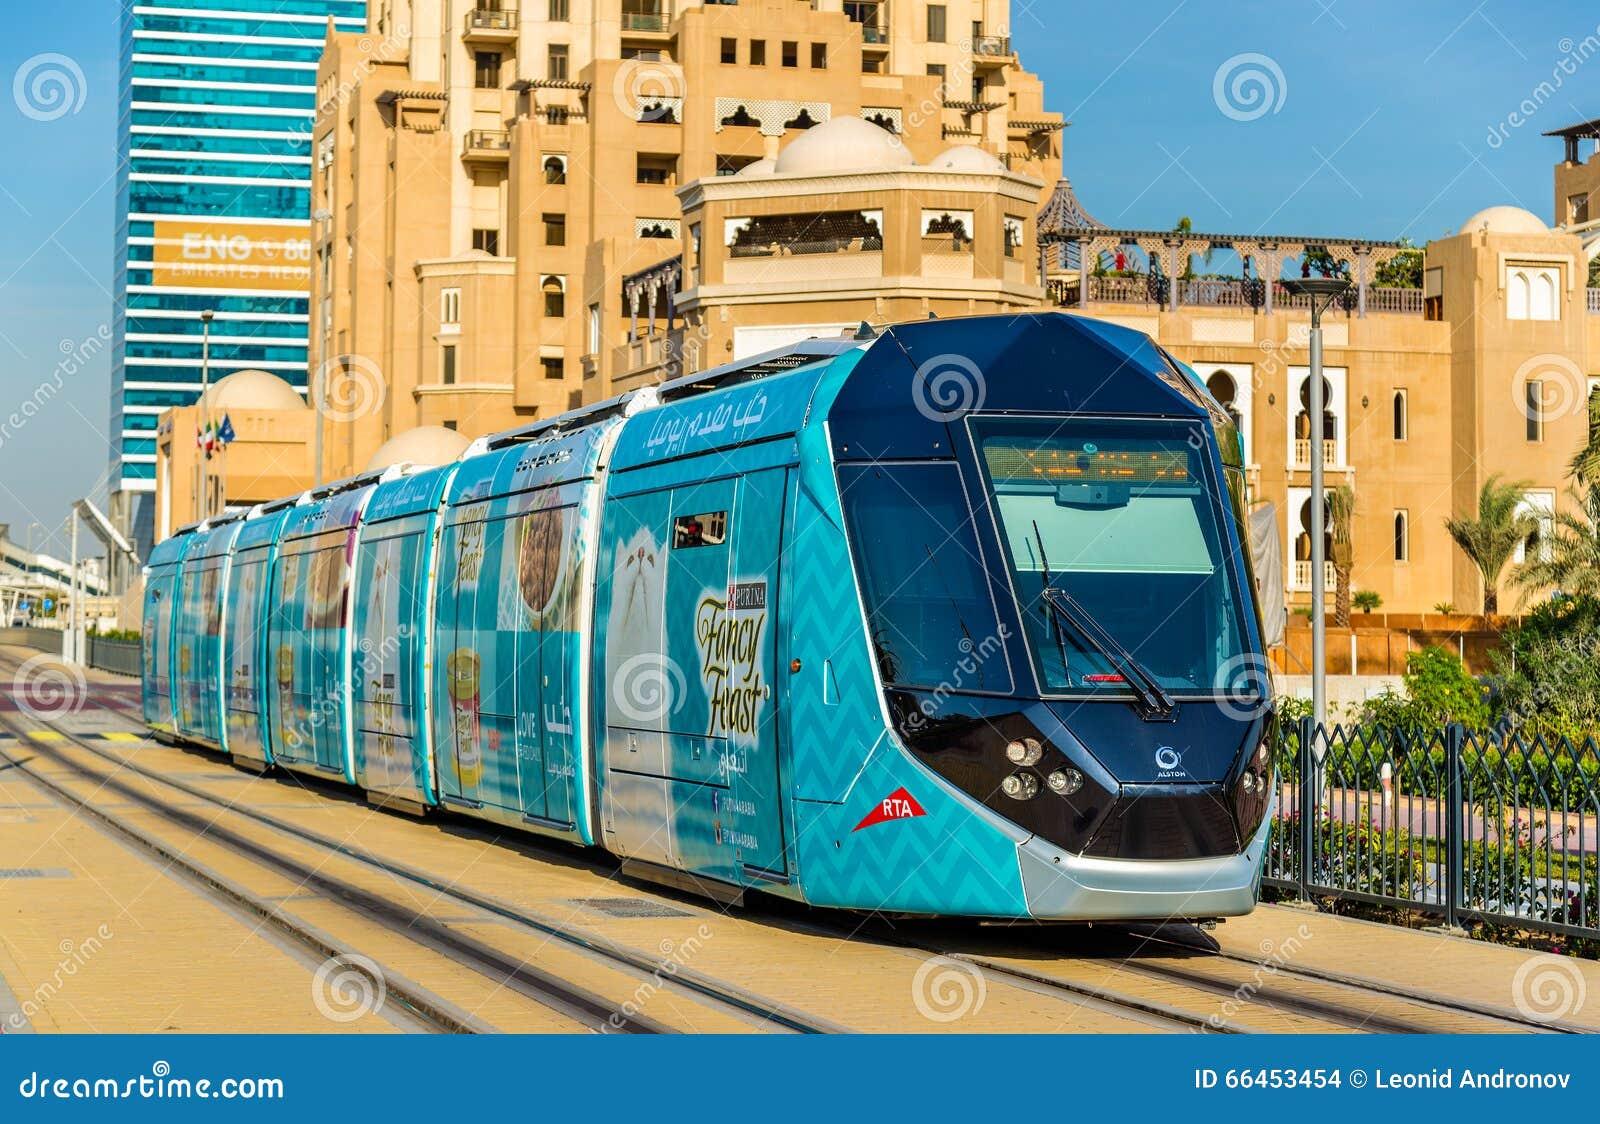 阿尔斯通citadis 402电车在迪拜 编辑类库存图片